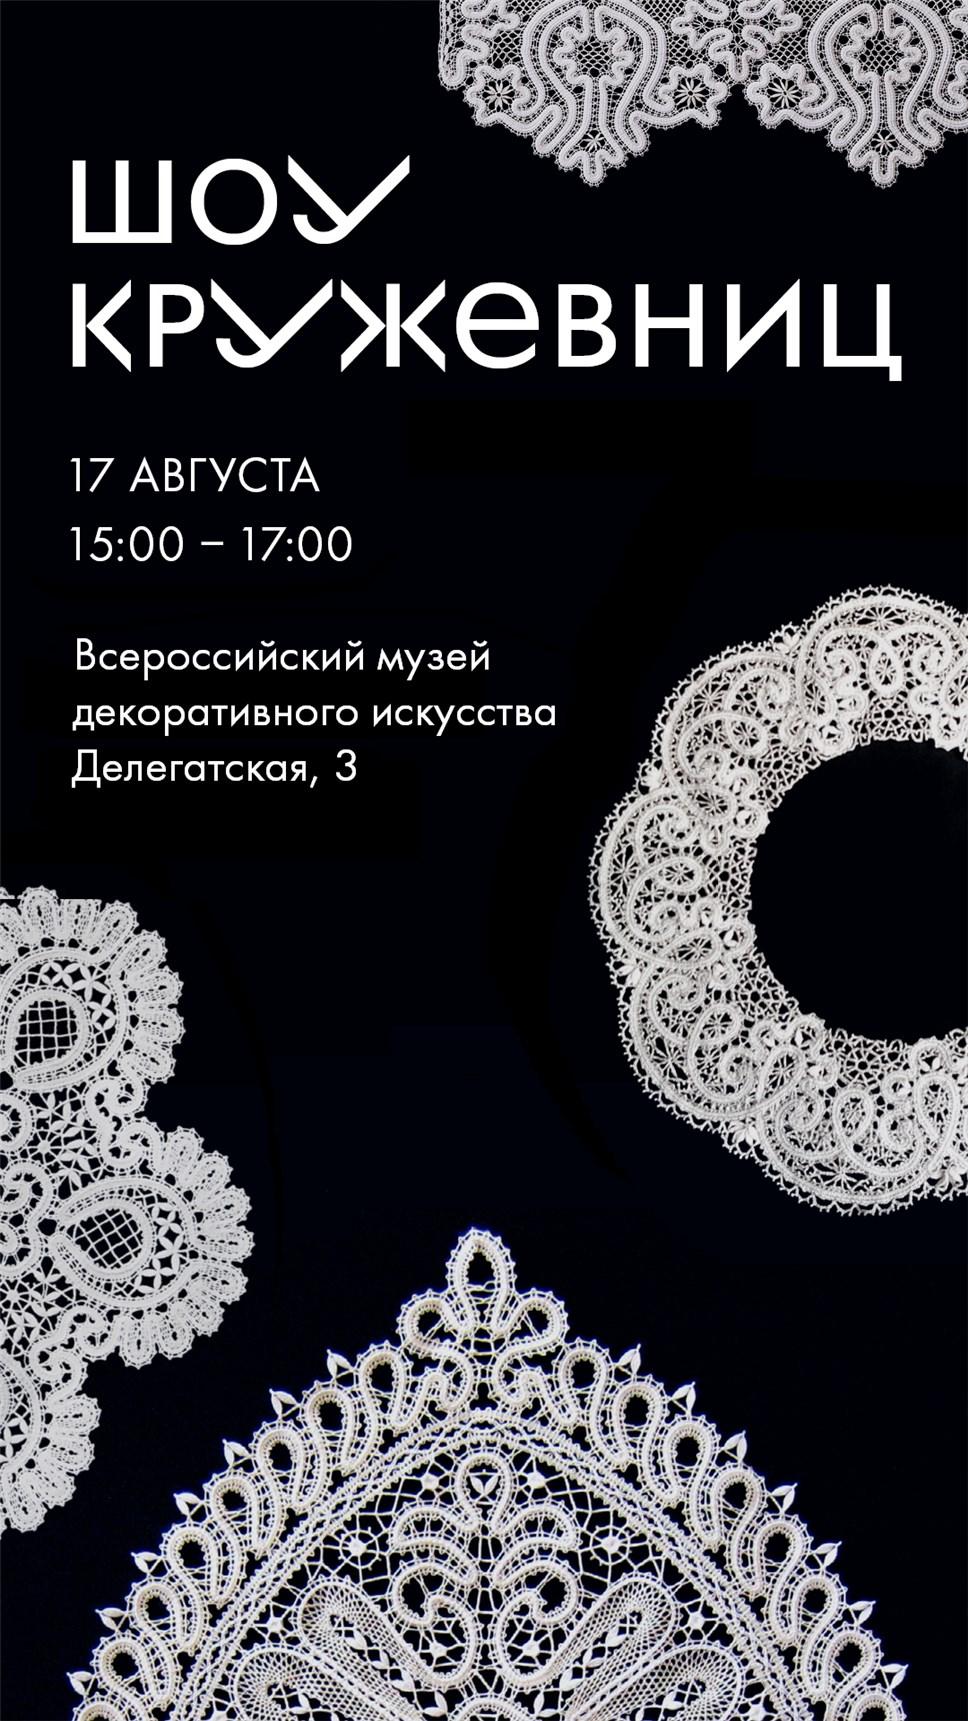 Фото: Всероссийский музей декоративного искусства